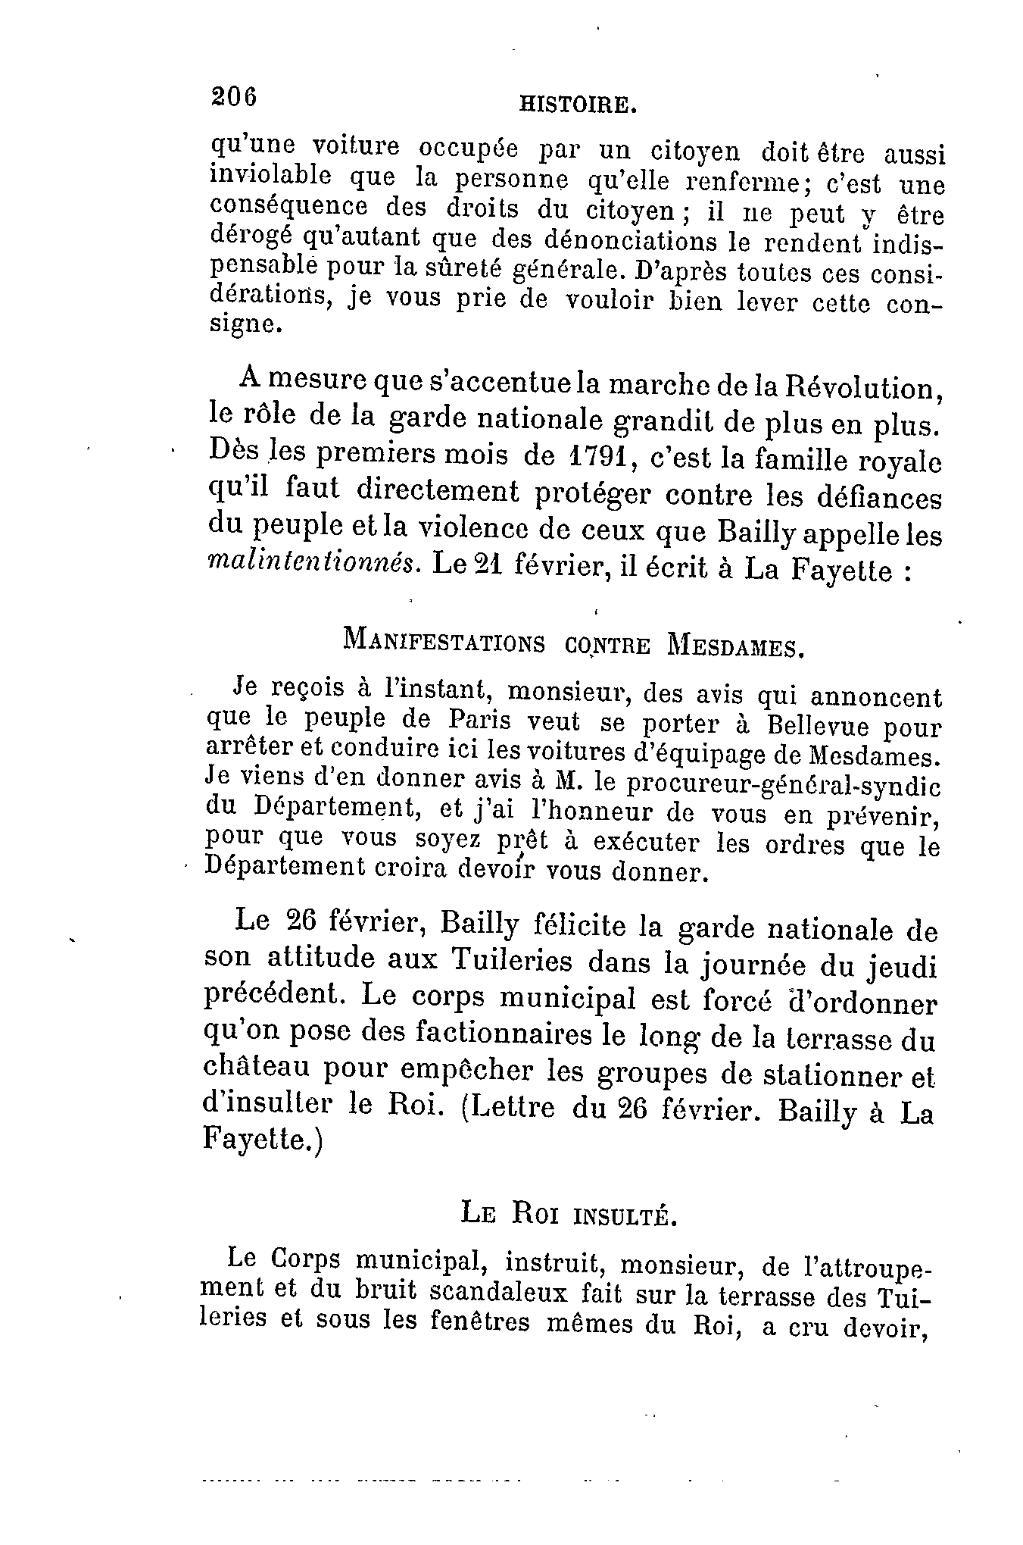 Pagerobiquet Histoire Et Droitdjvu213 Wikisource